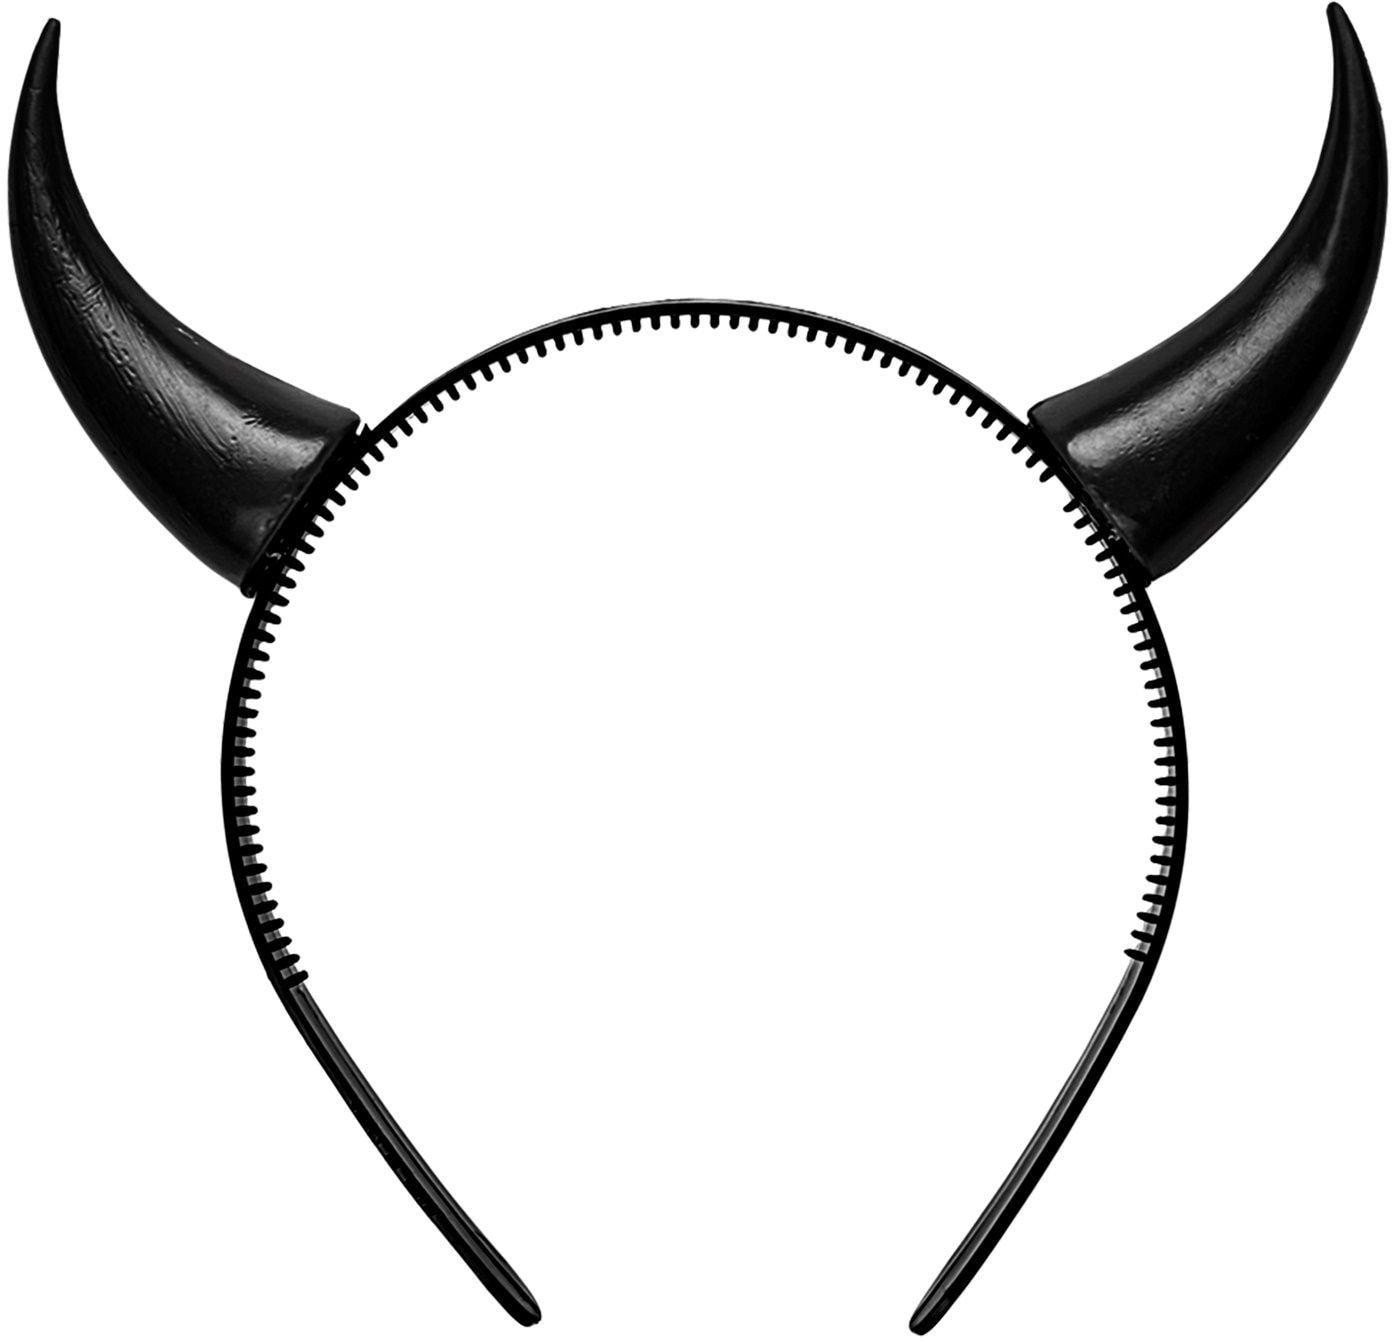 Zwarte duivel oortjes